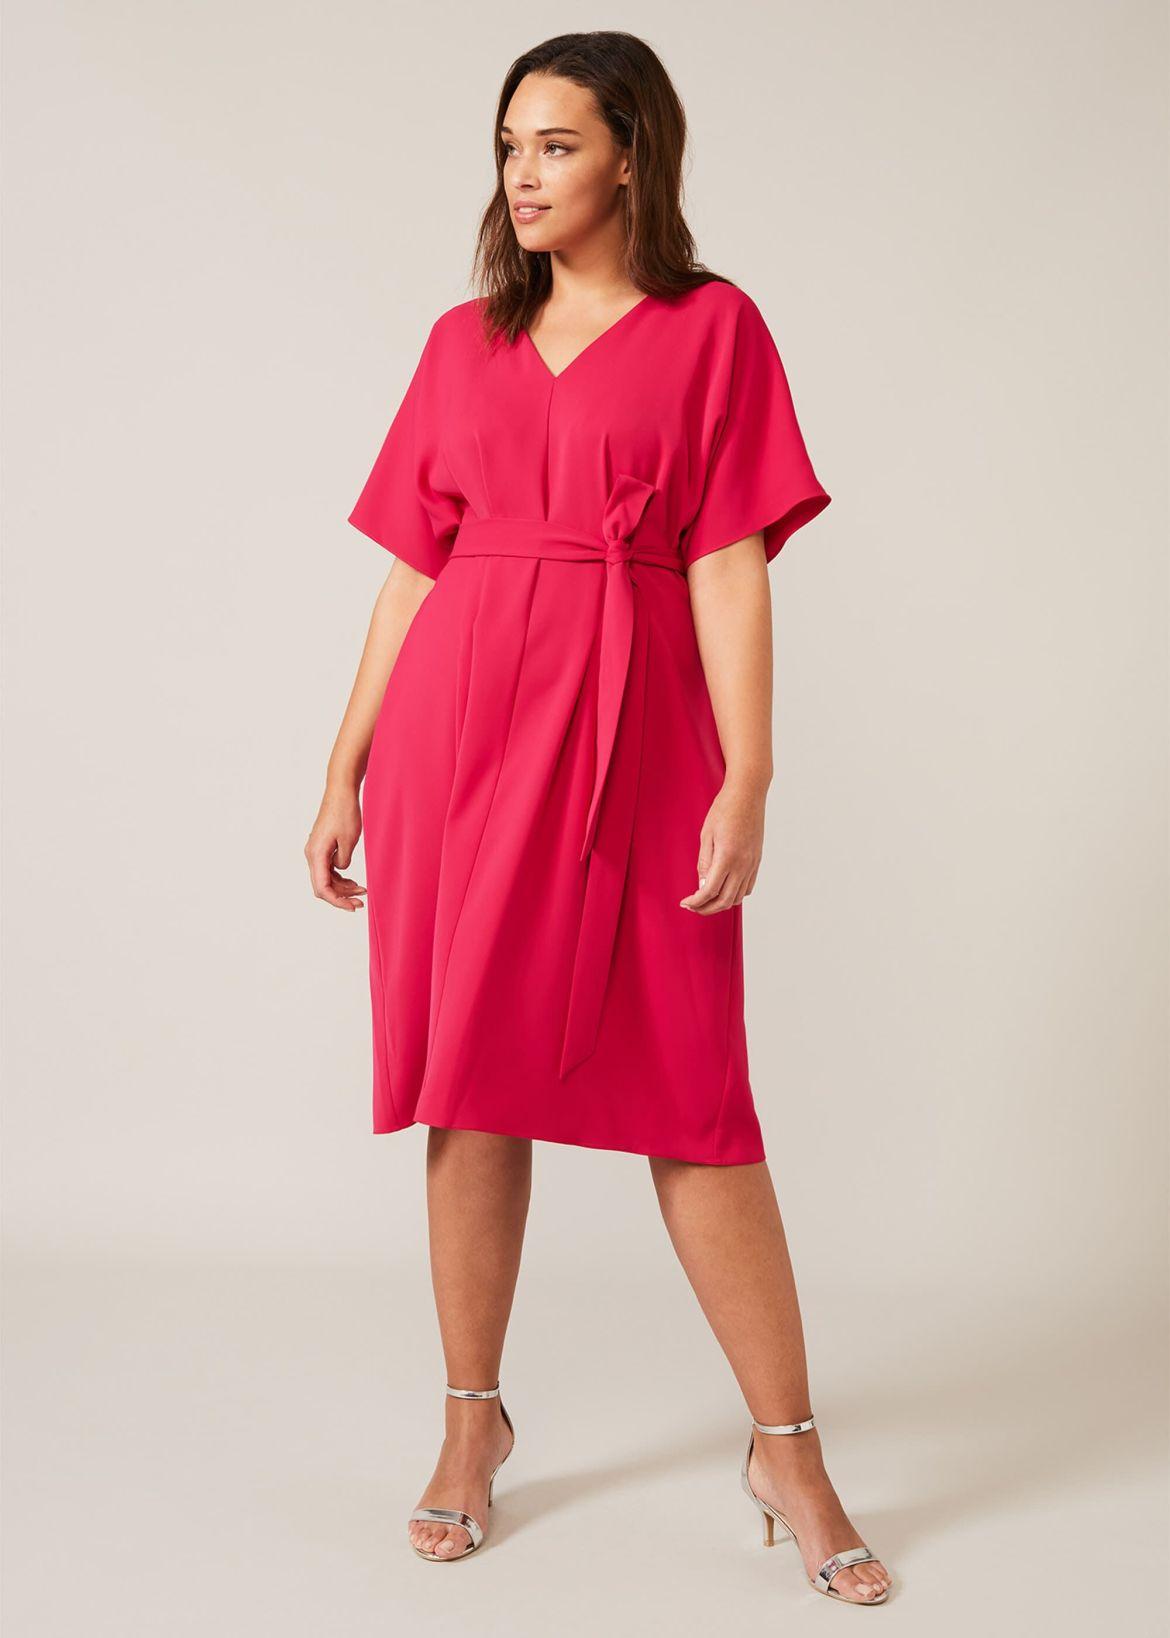 Becky Kimono Dress